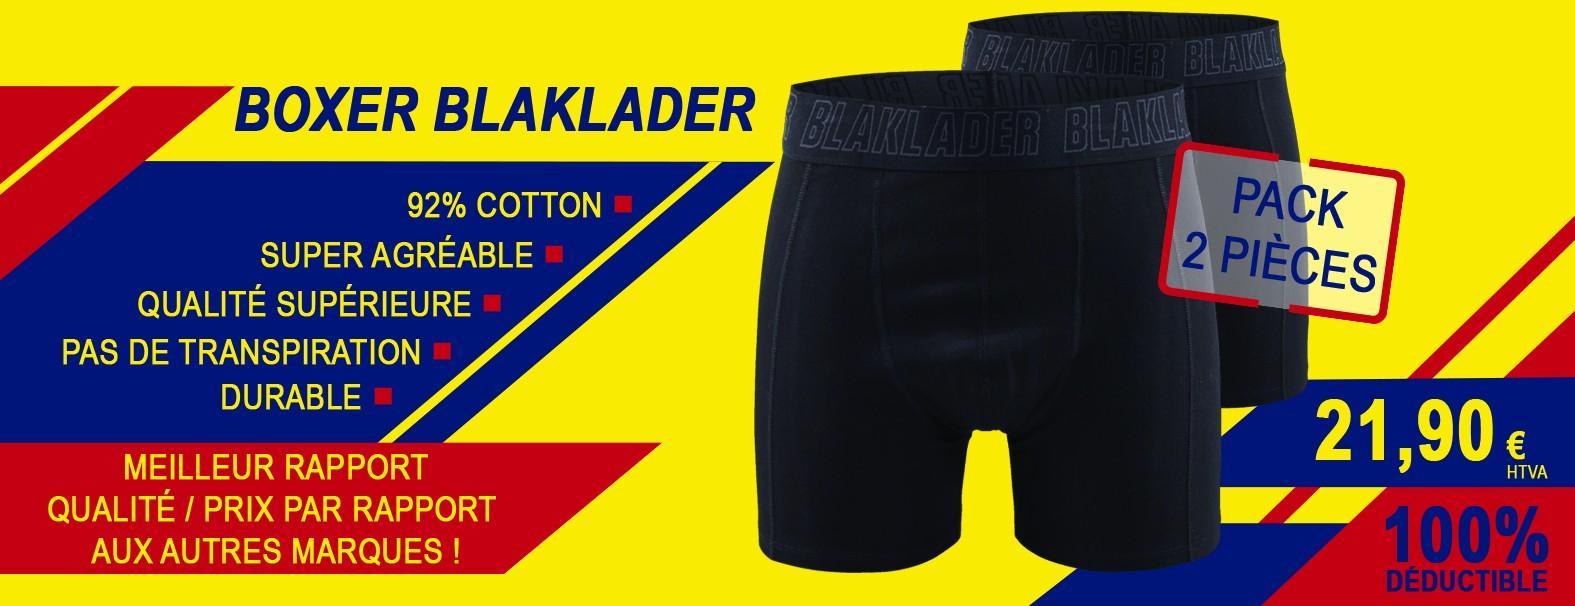 BOXER BLAKLADER